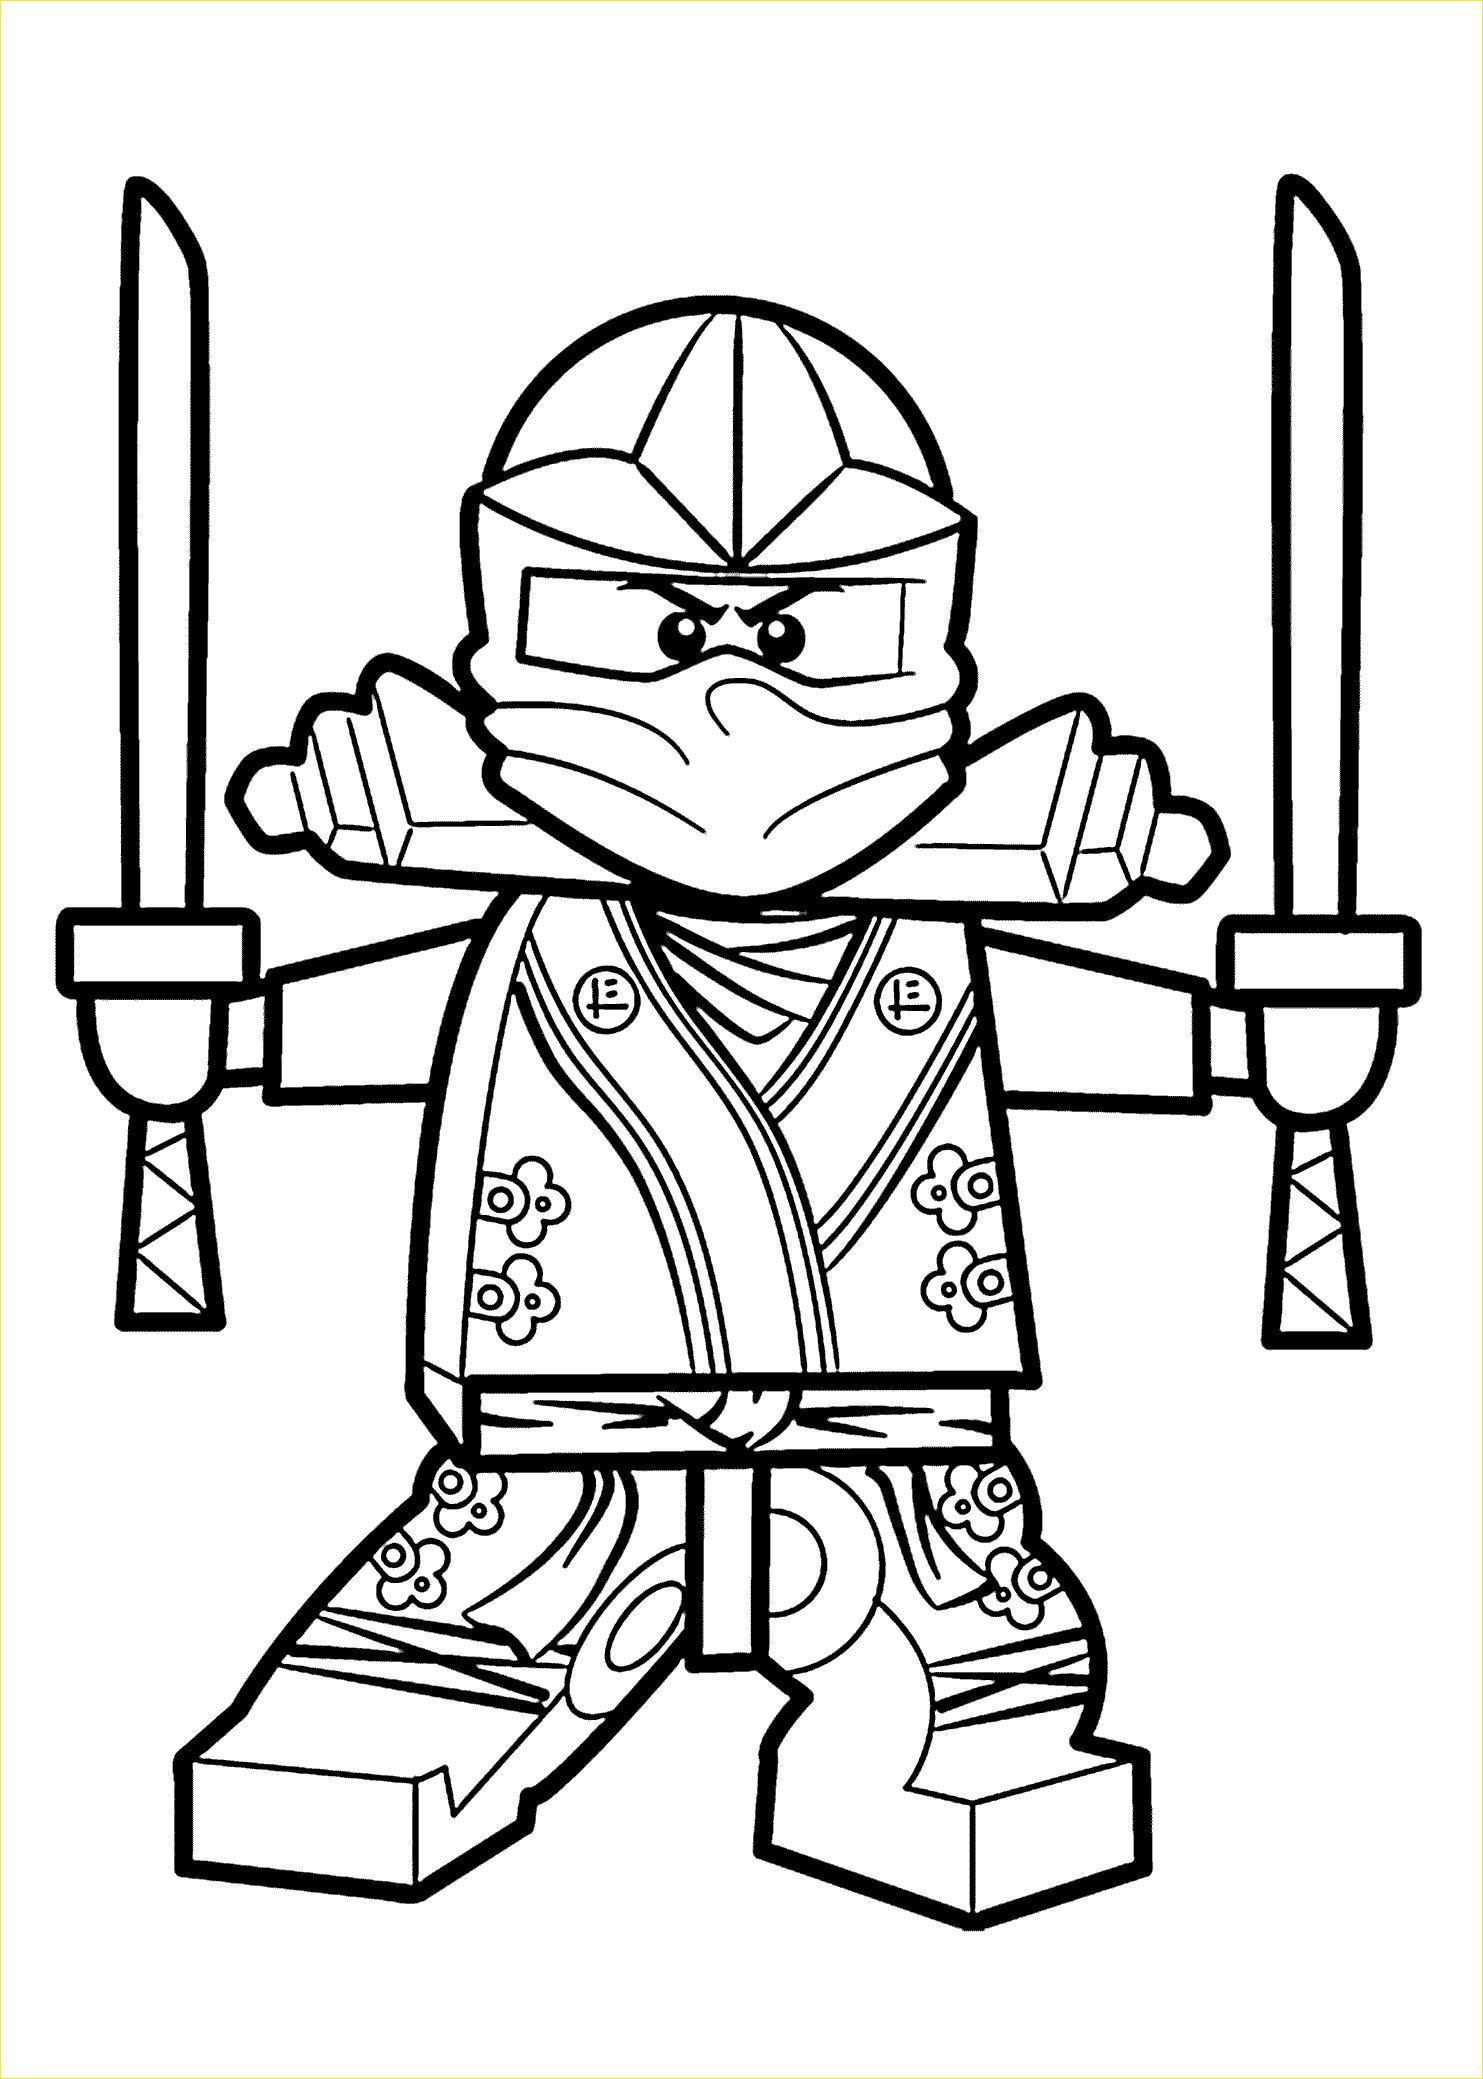 13 new lego ninjago coloring pages images  ninjago